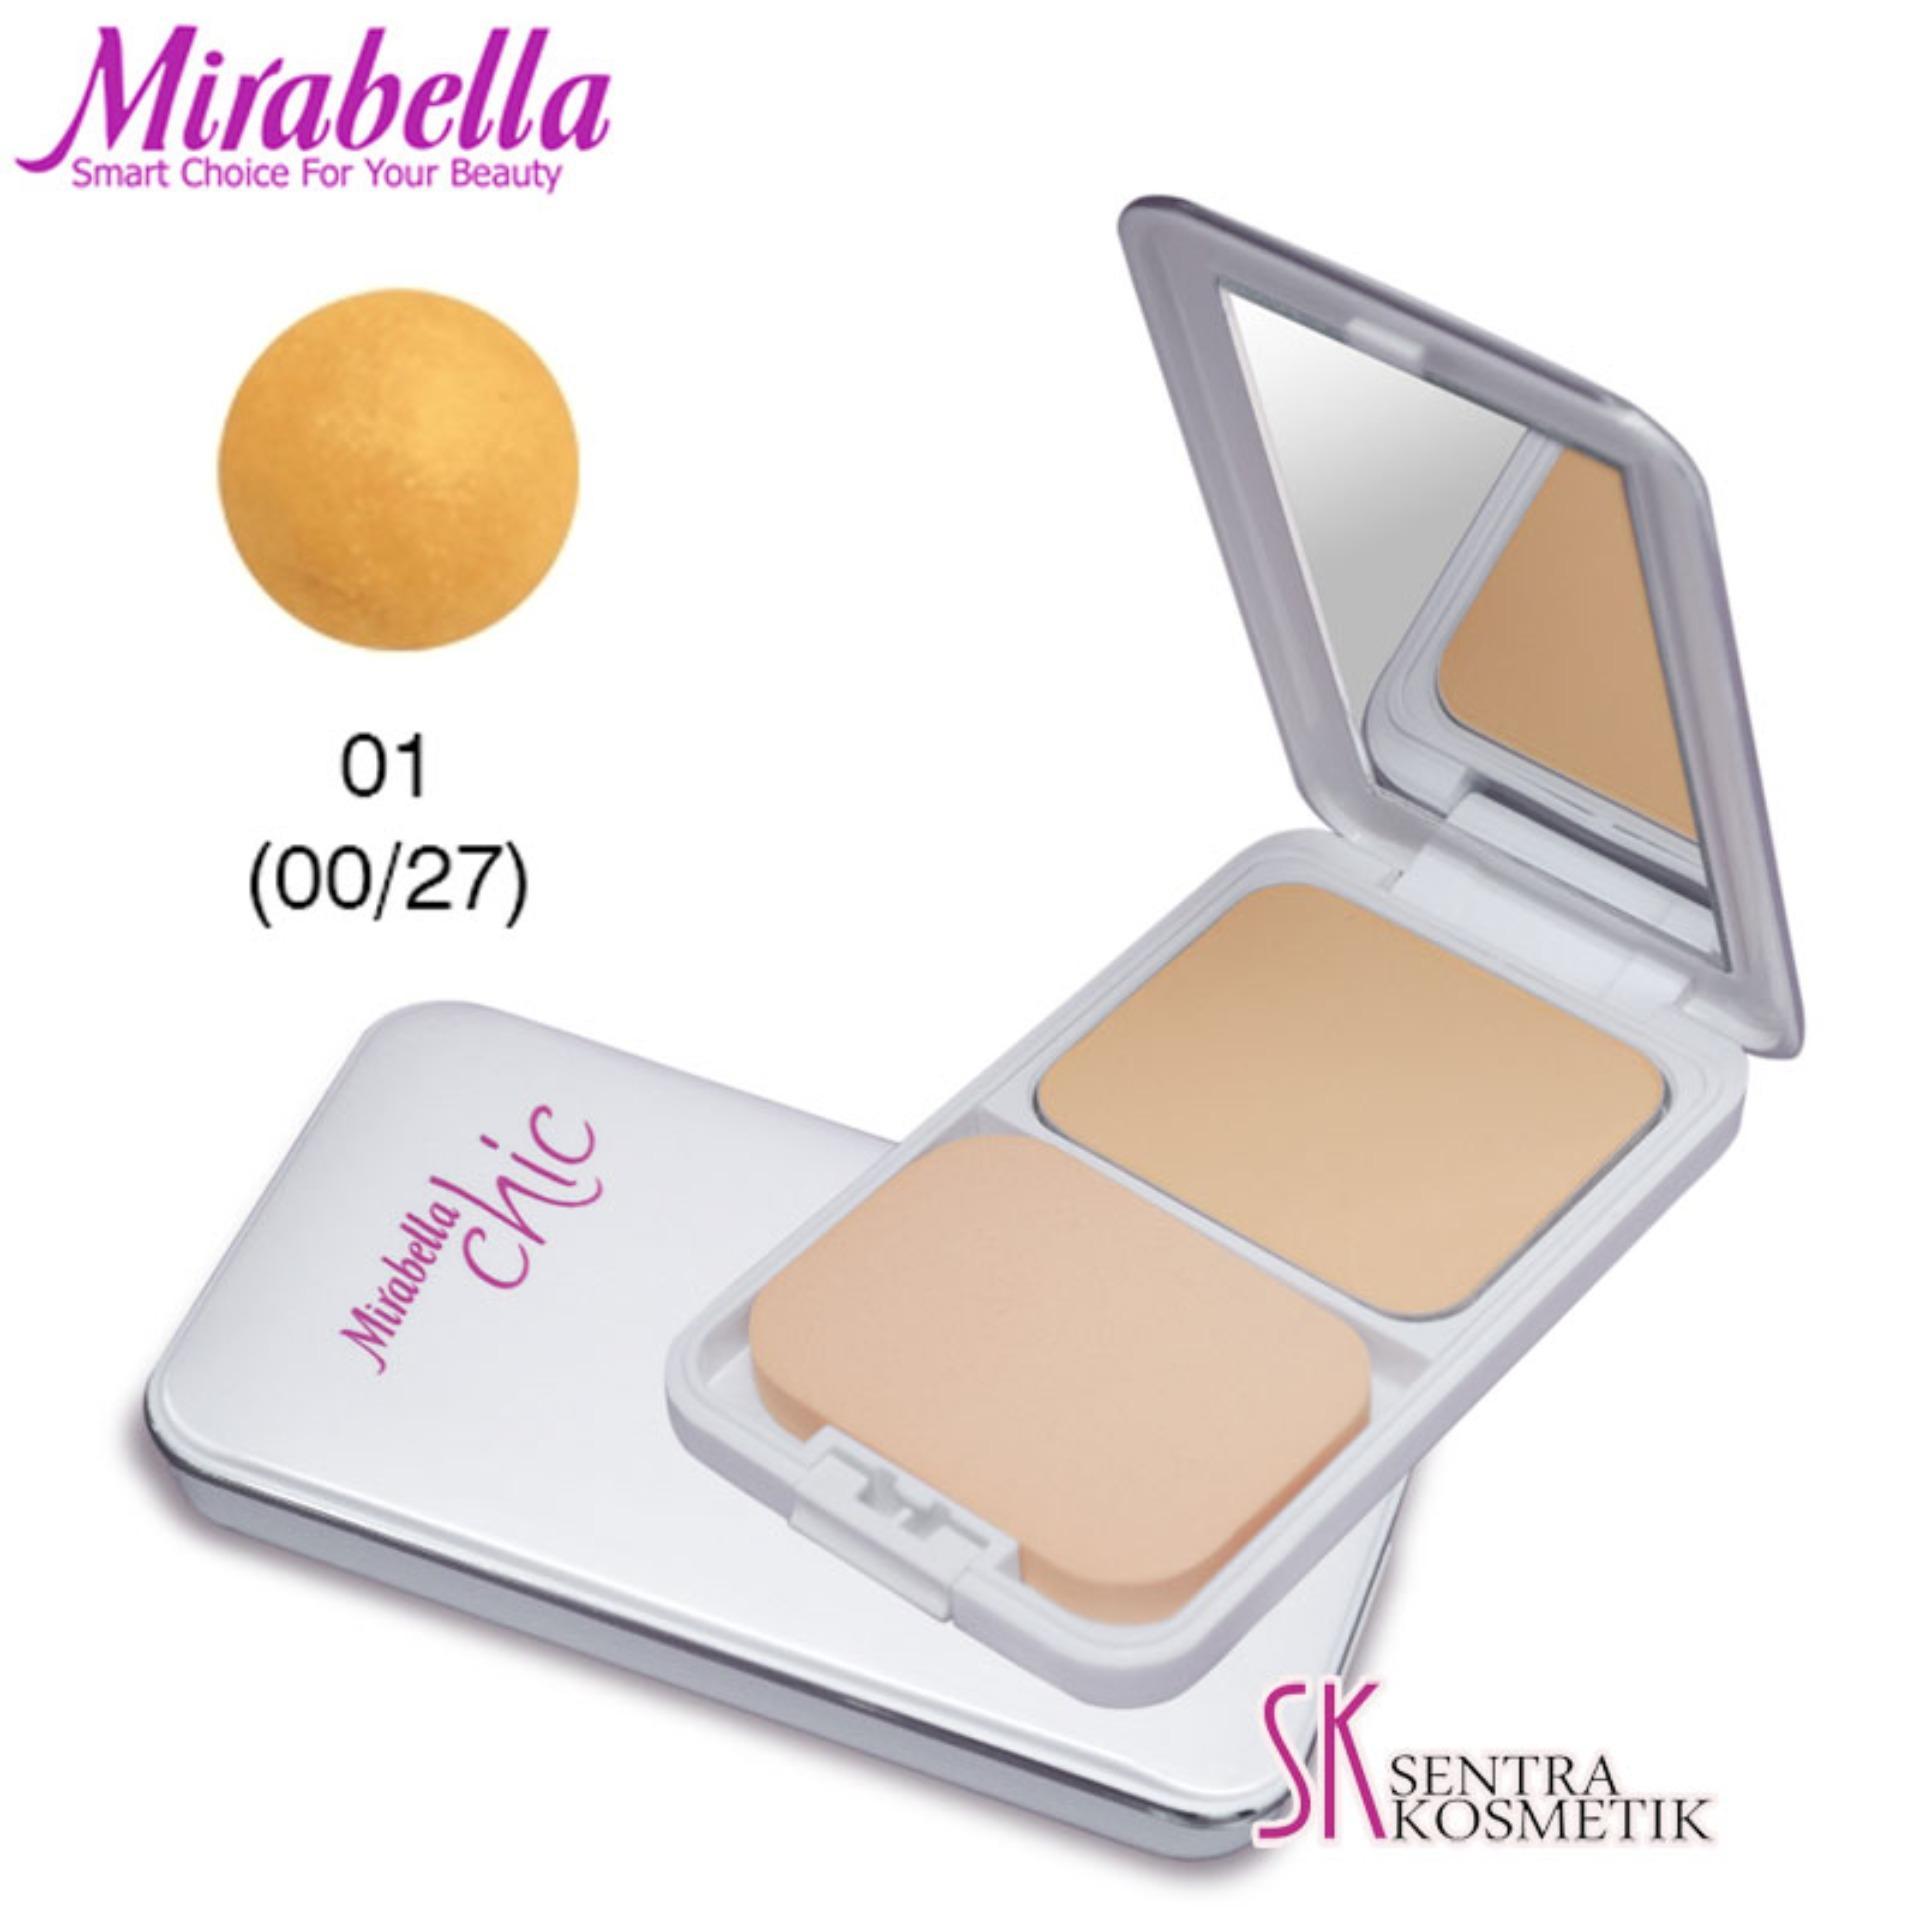 MIRABELLA Chic Two Way Cake UV White 01